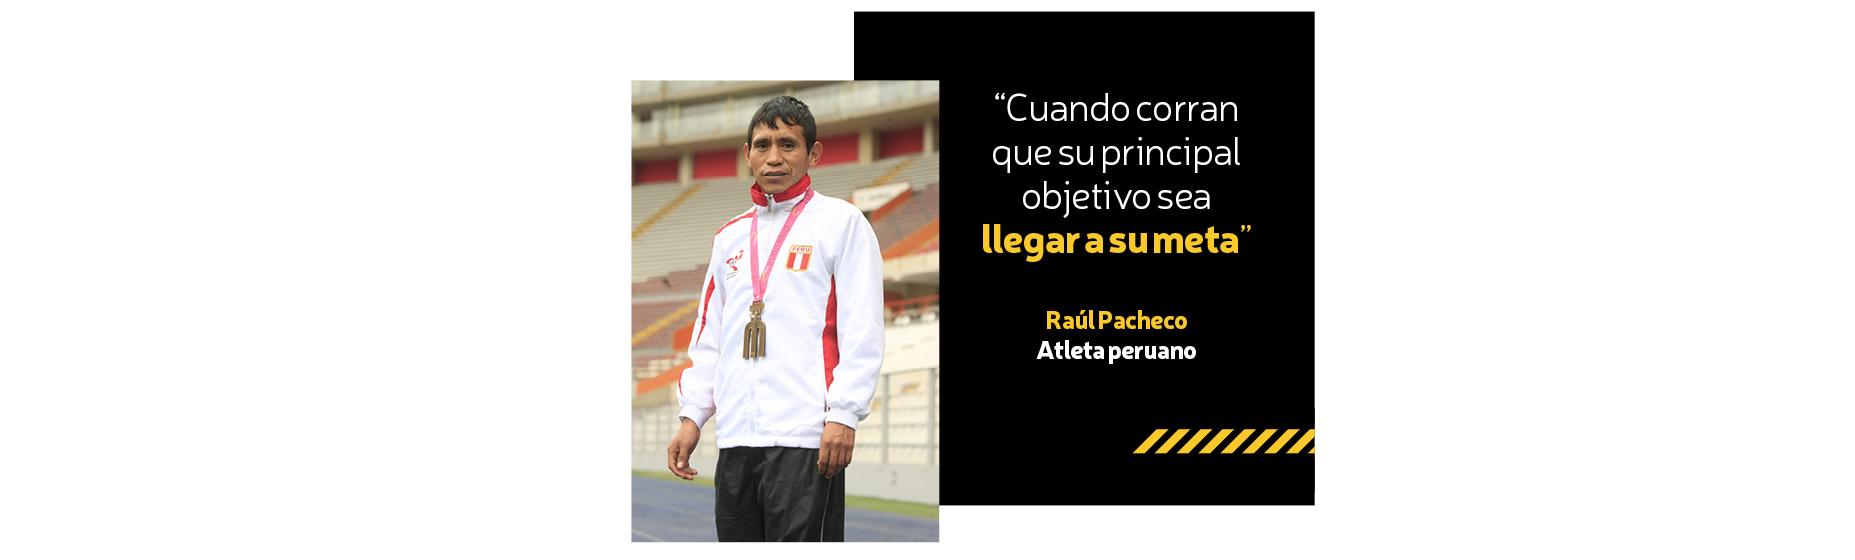 Raúl Pacheco, atleta peruano.